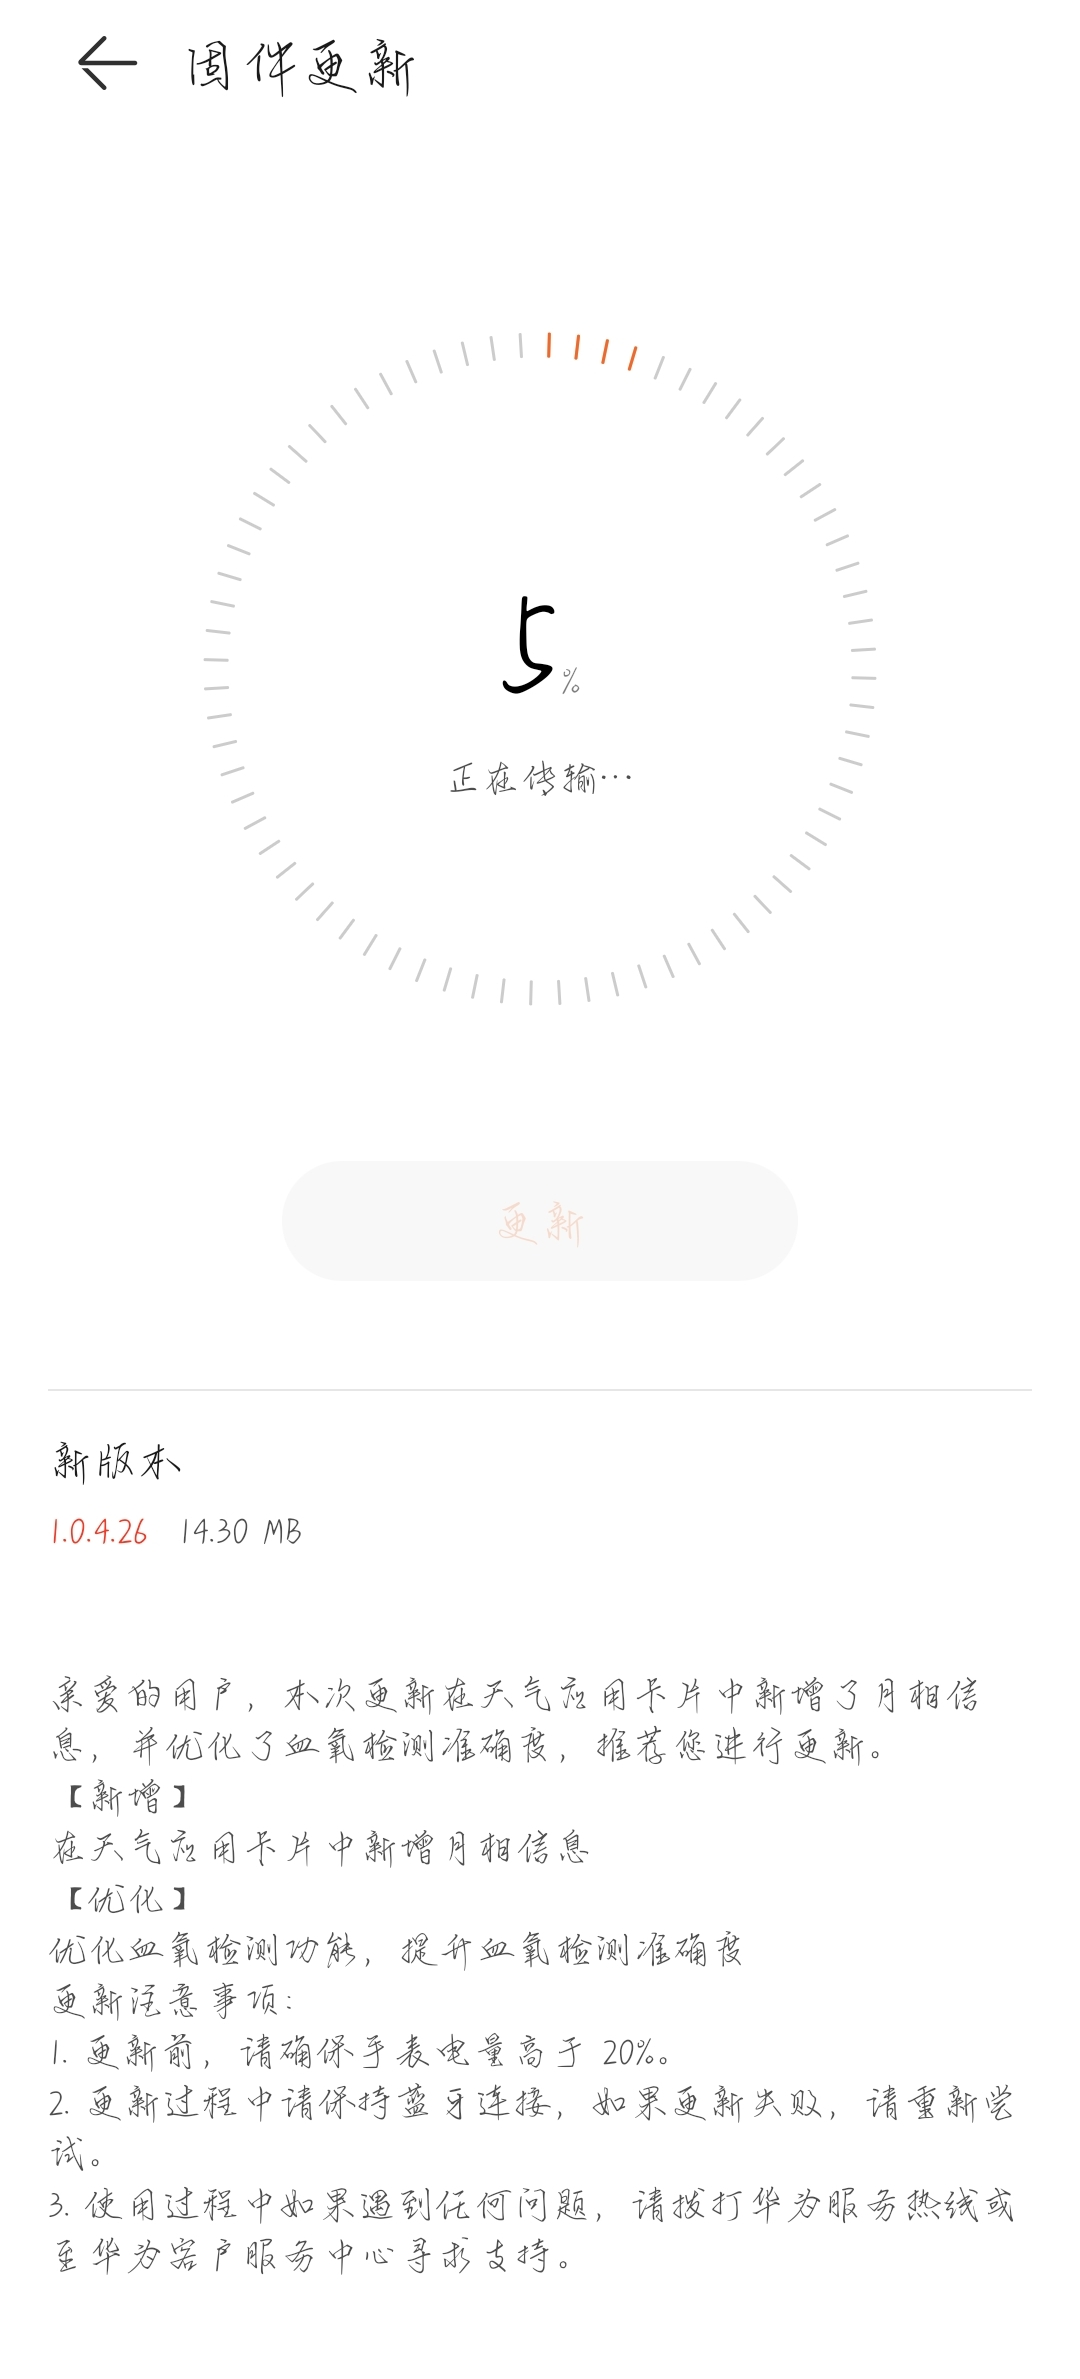 Screenshot_20210426_110922.jpg